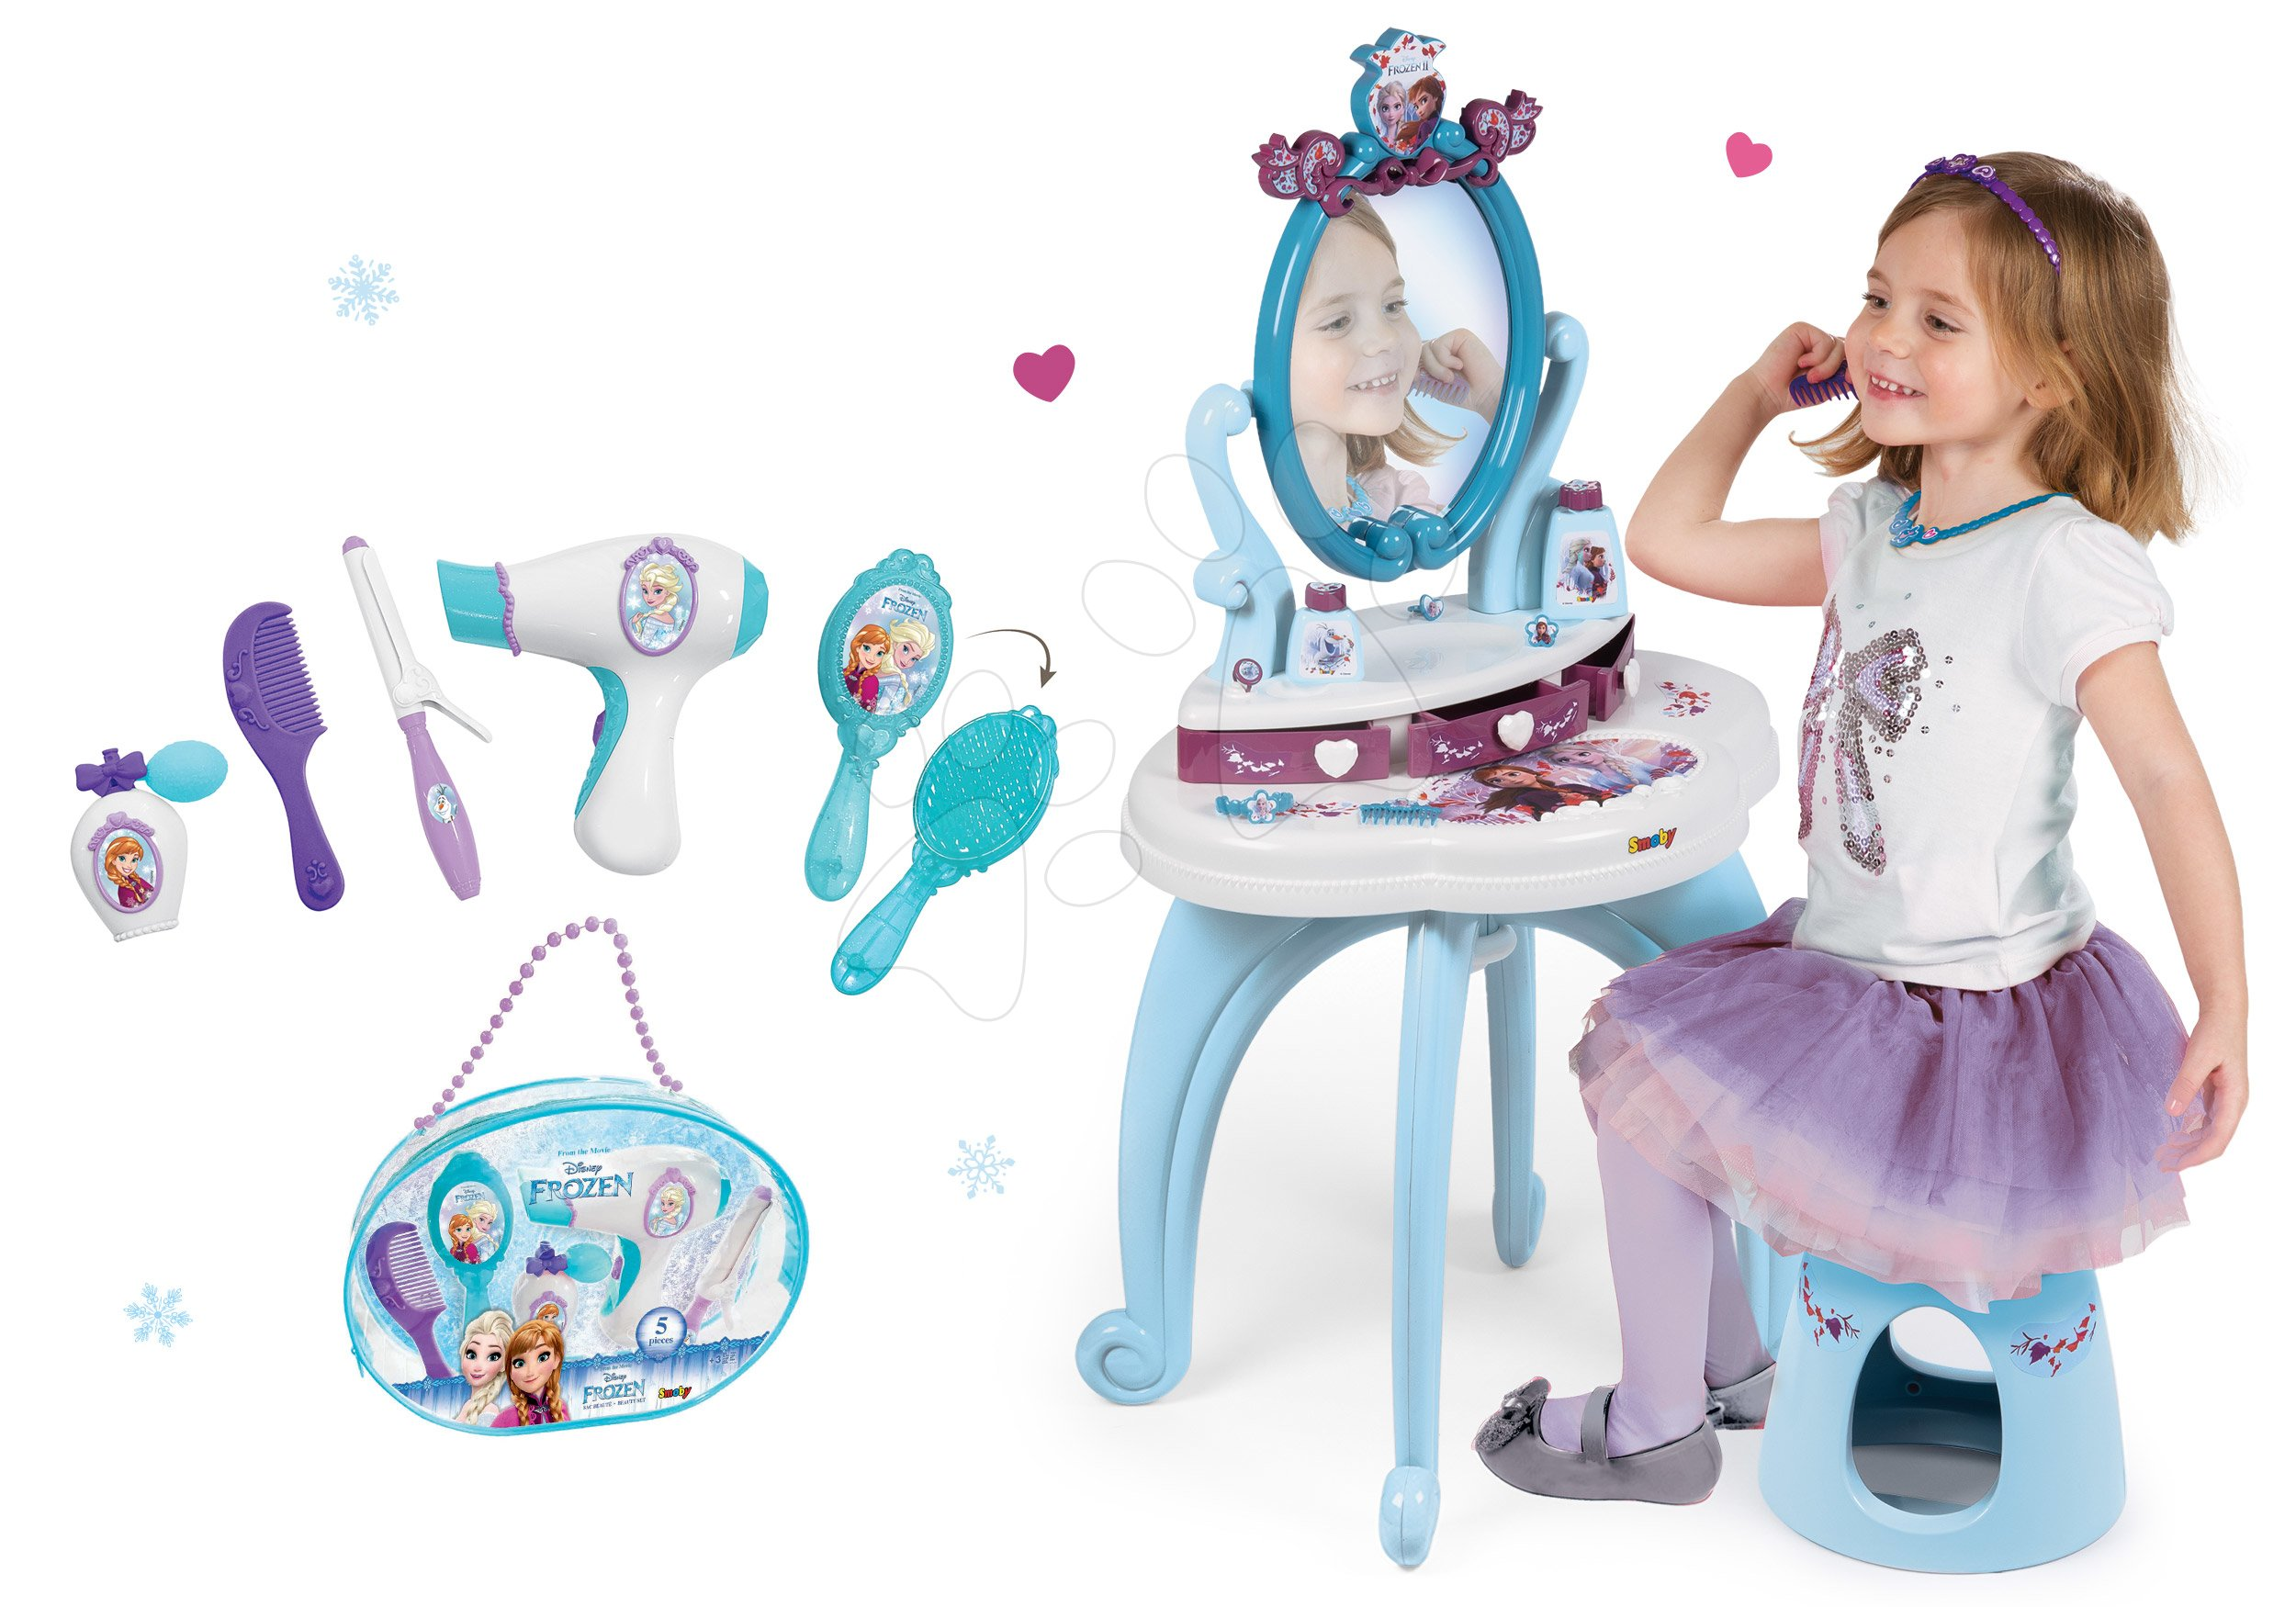 Set kosmetický stolek Frozen Smoby se židlí a kadeřnický set s vysoušečem vlasů Frozen